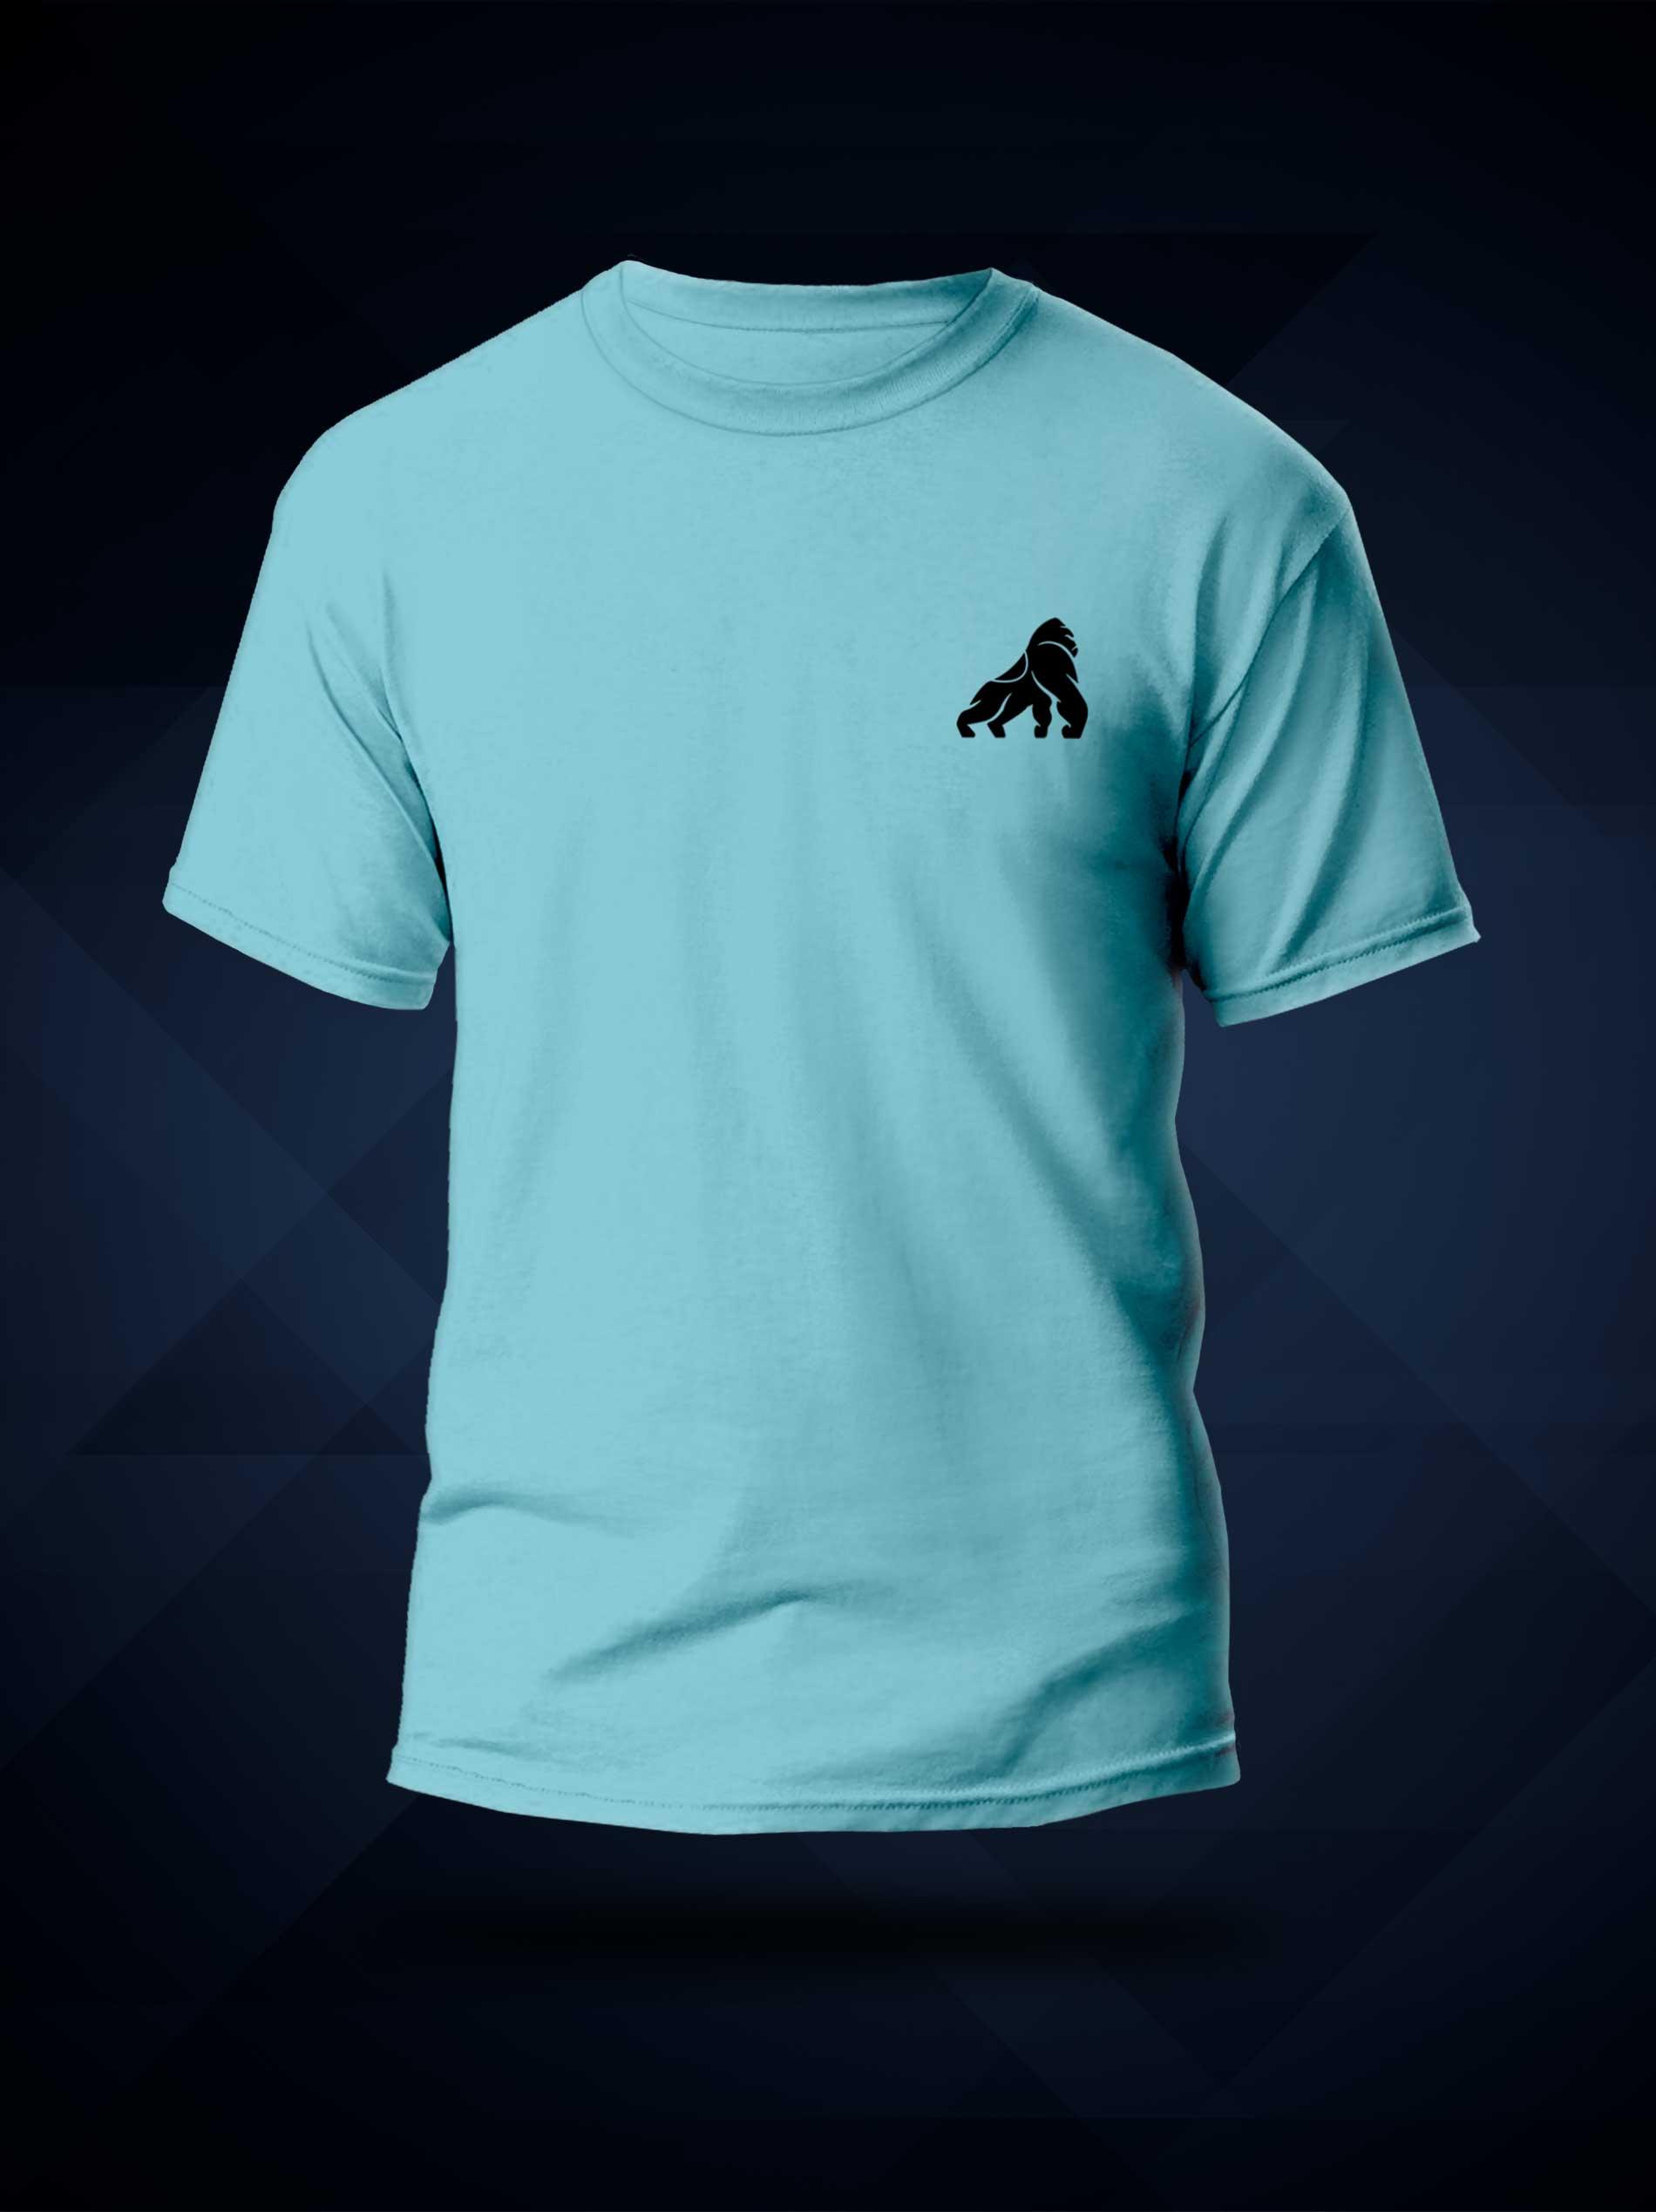 blue-tshirt-min